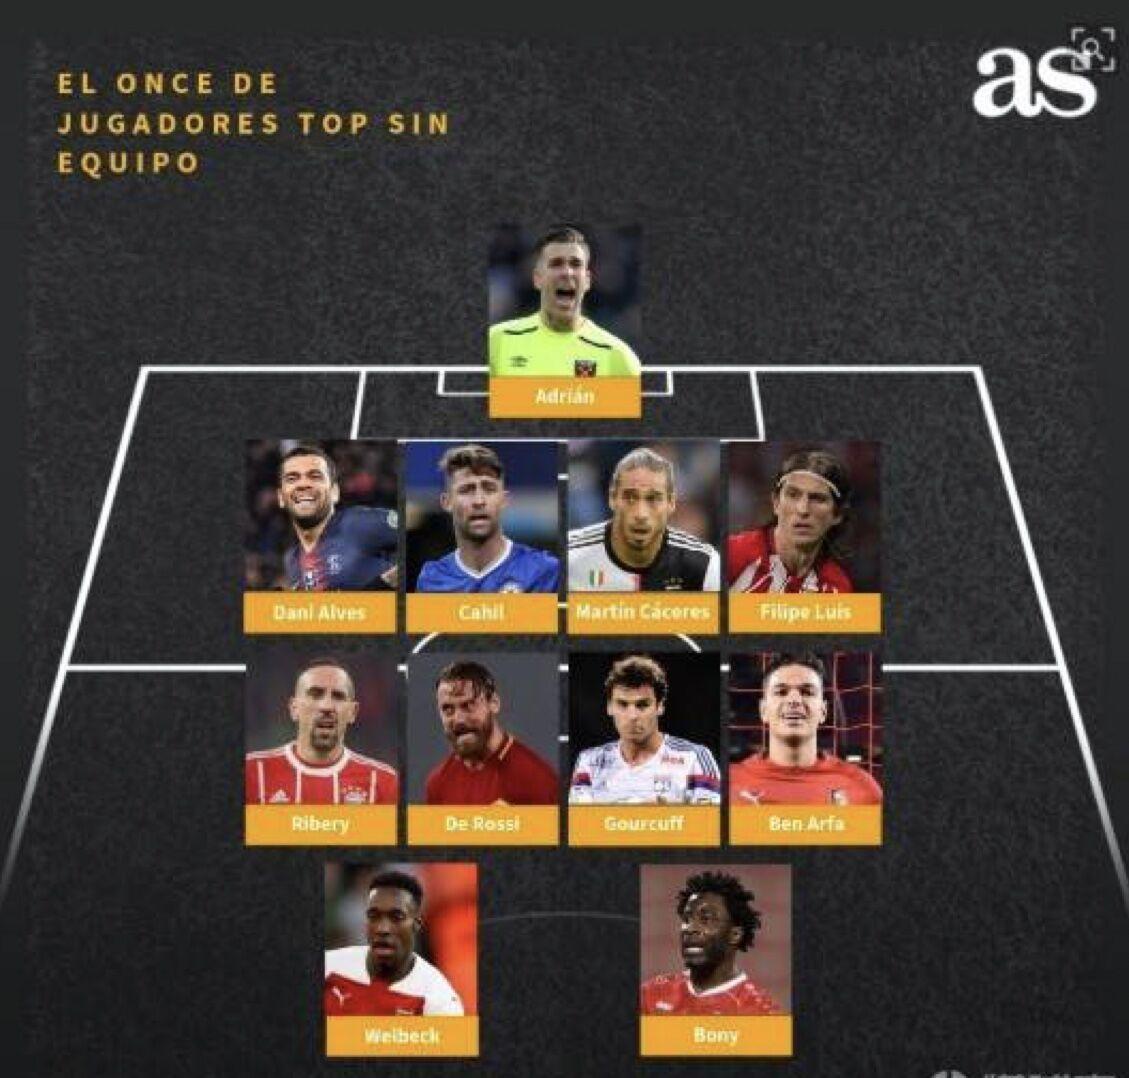 今夏最强自由球员11人阵容:里贝里、阿尔维斯领衔